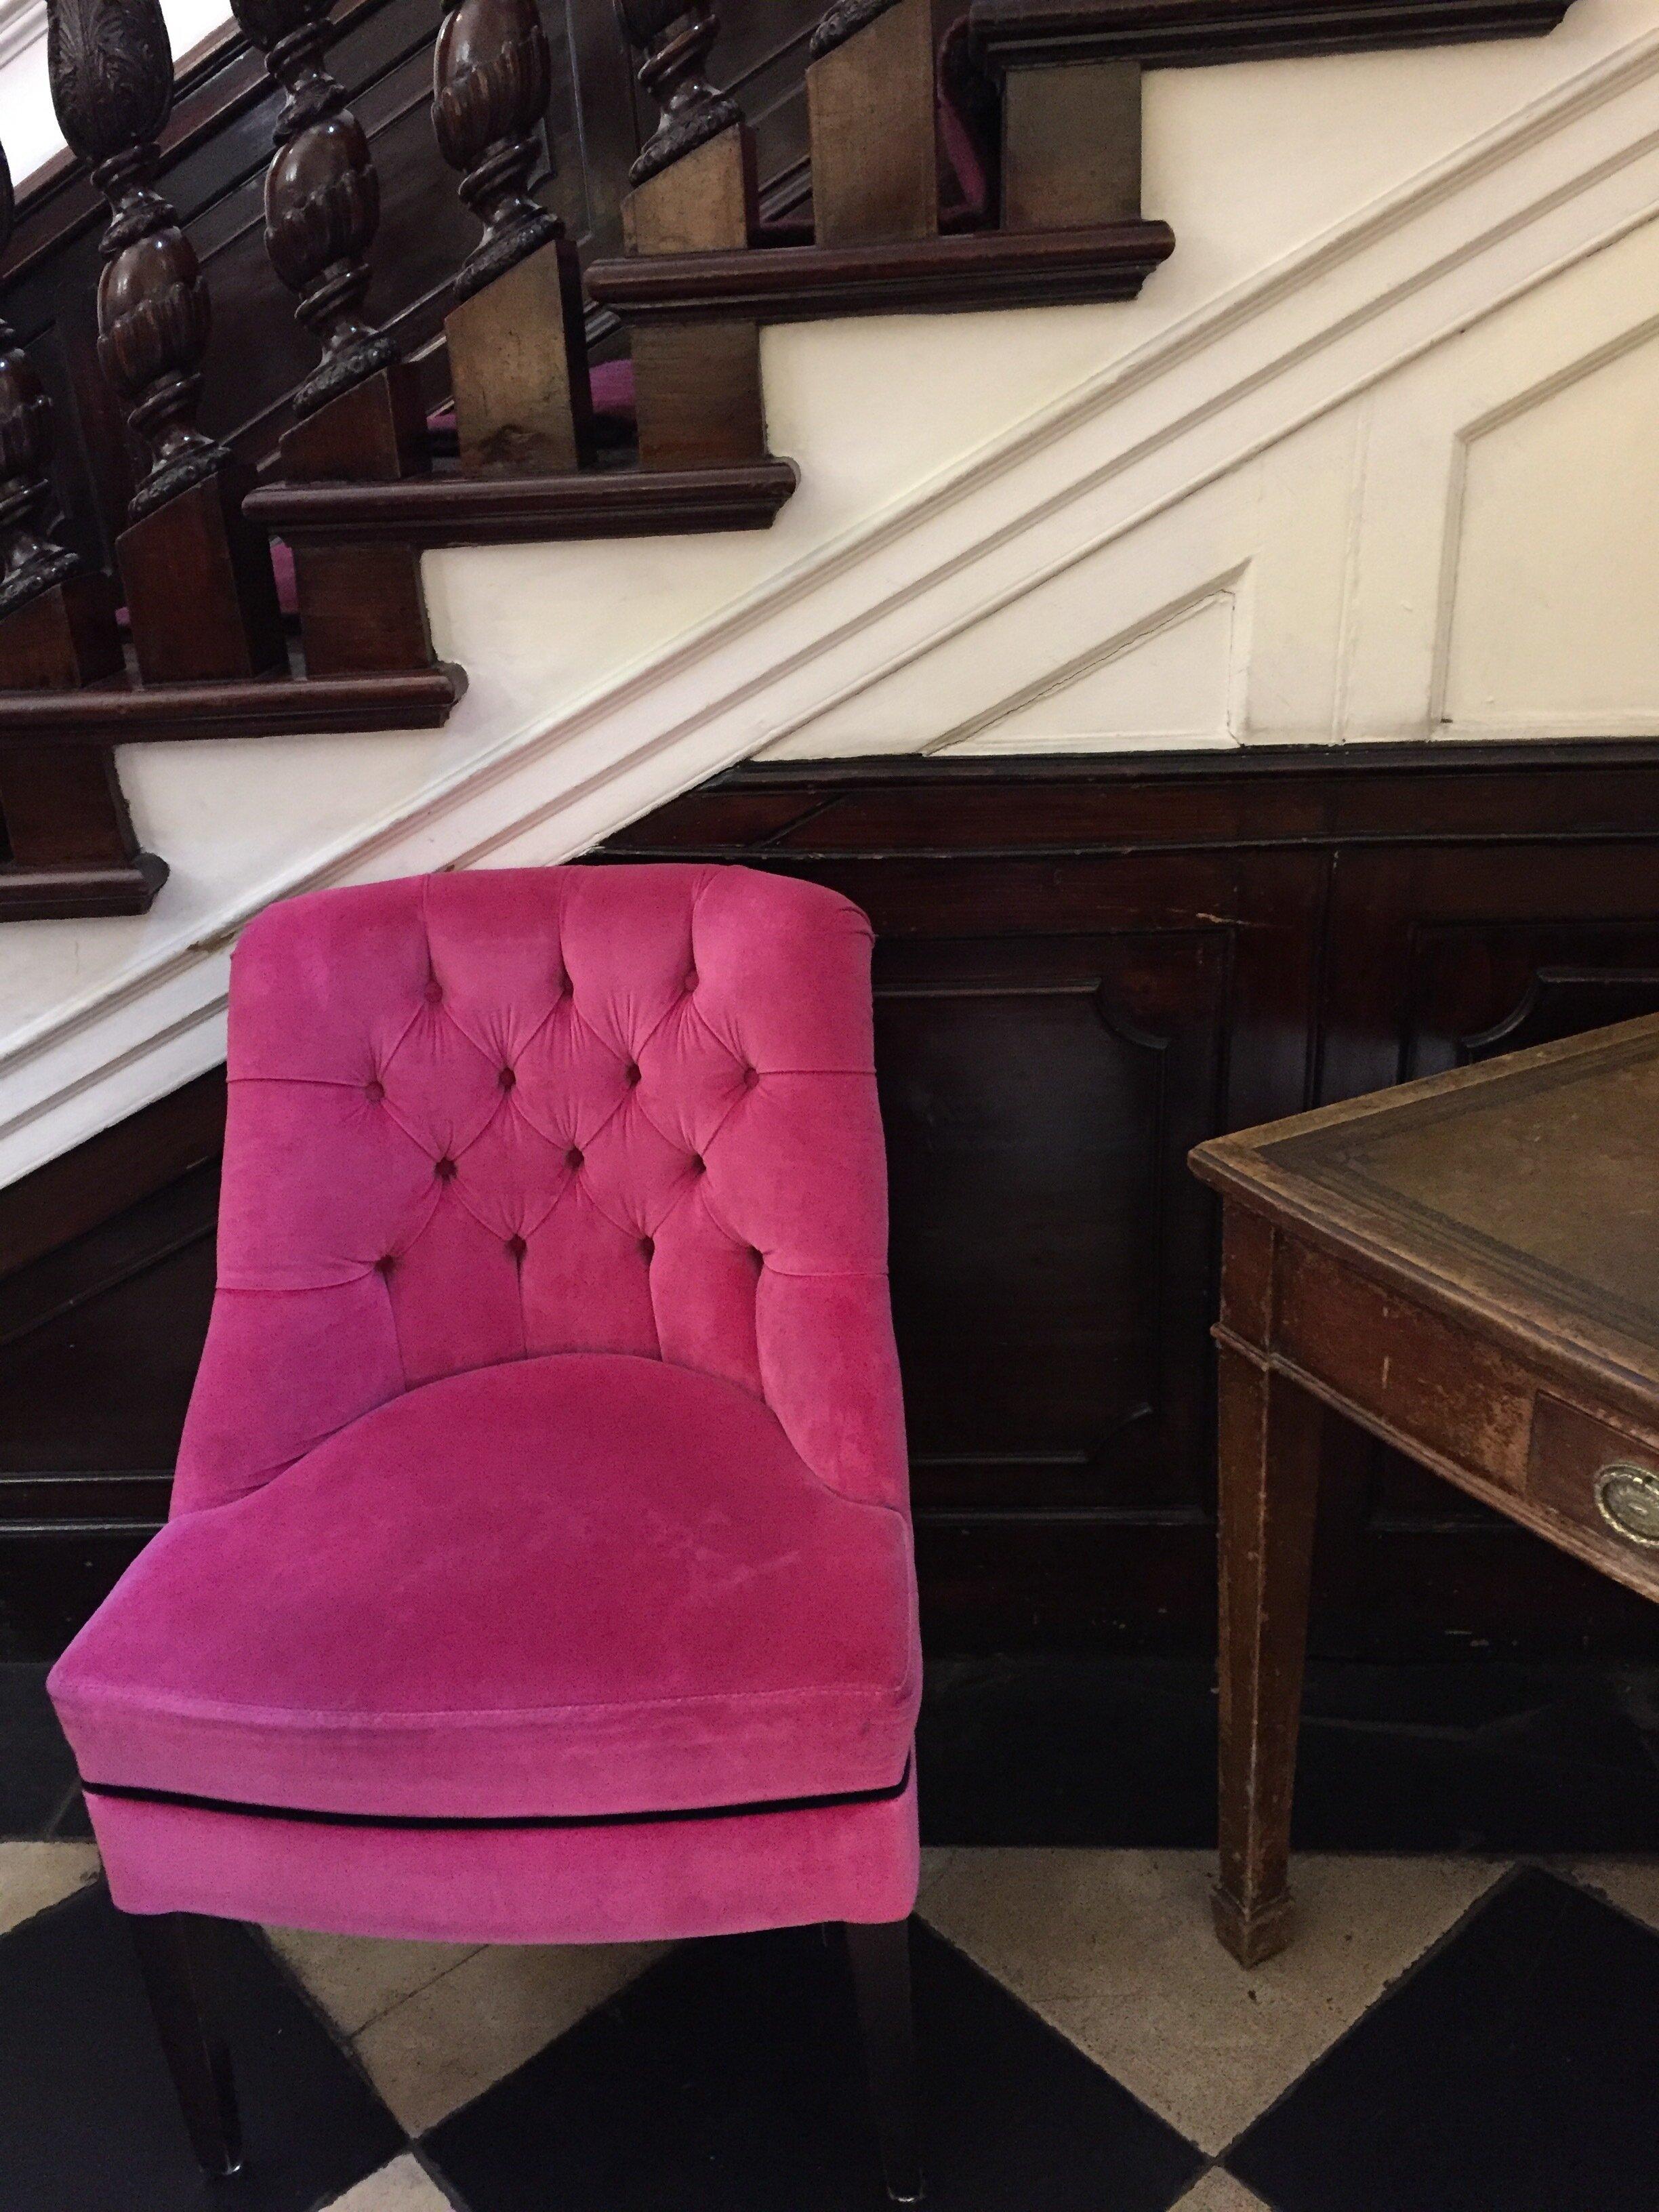 Glimsen-pink-chair.jpg